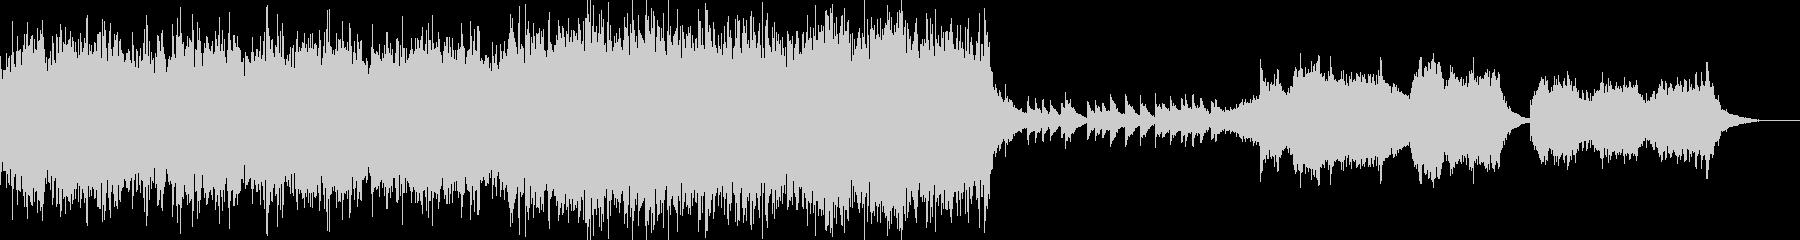 ドラゴンブレイド第11弾ラスボス系の未再生の波形